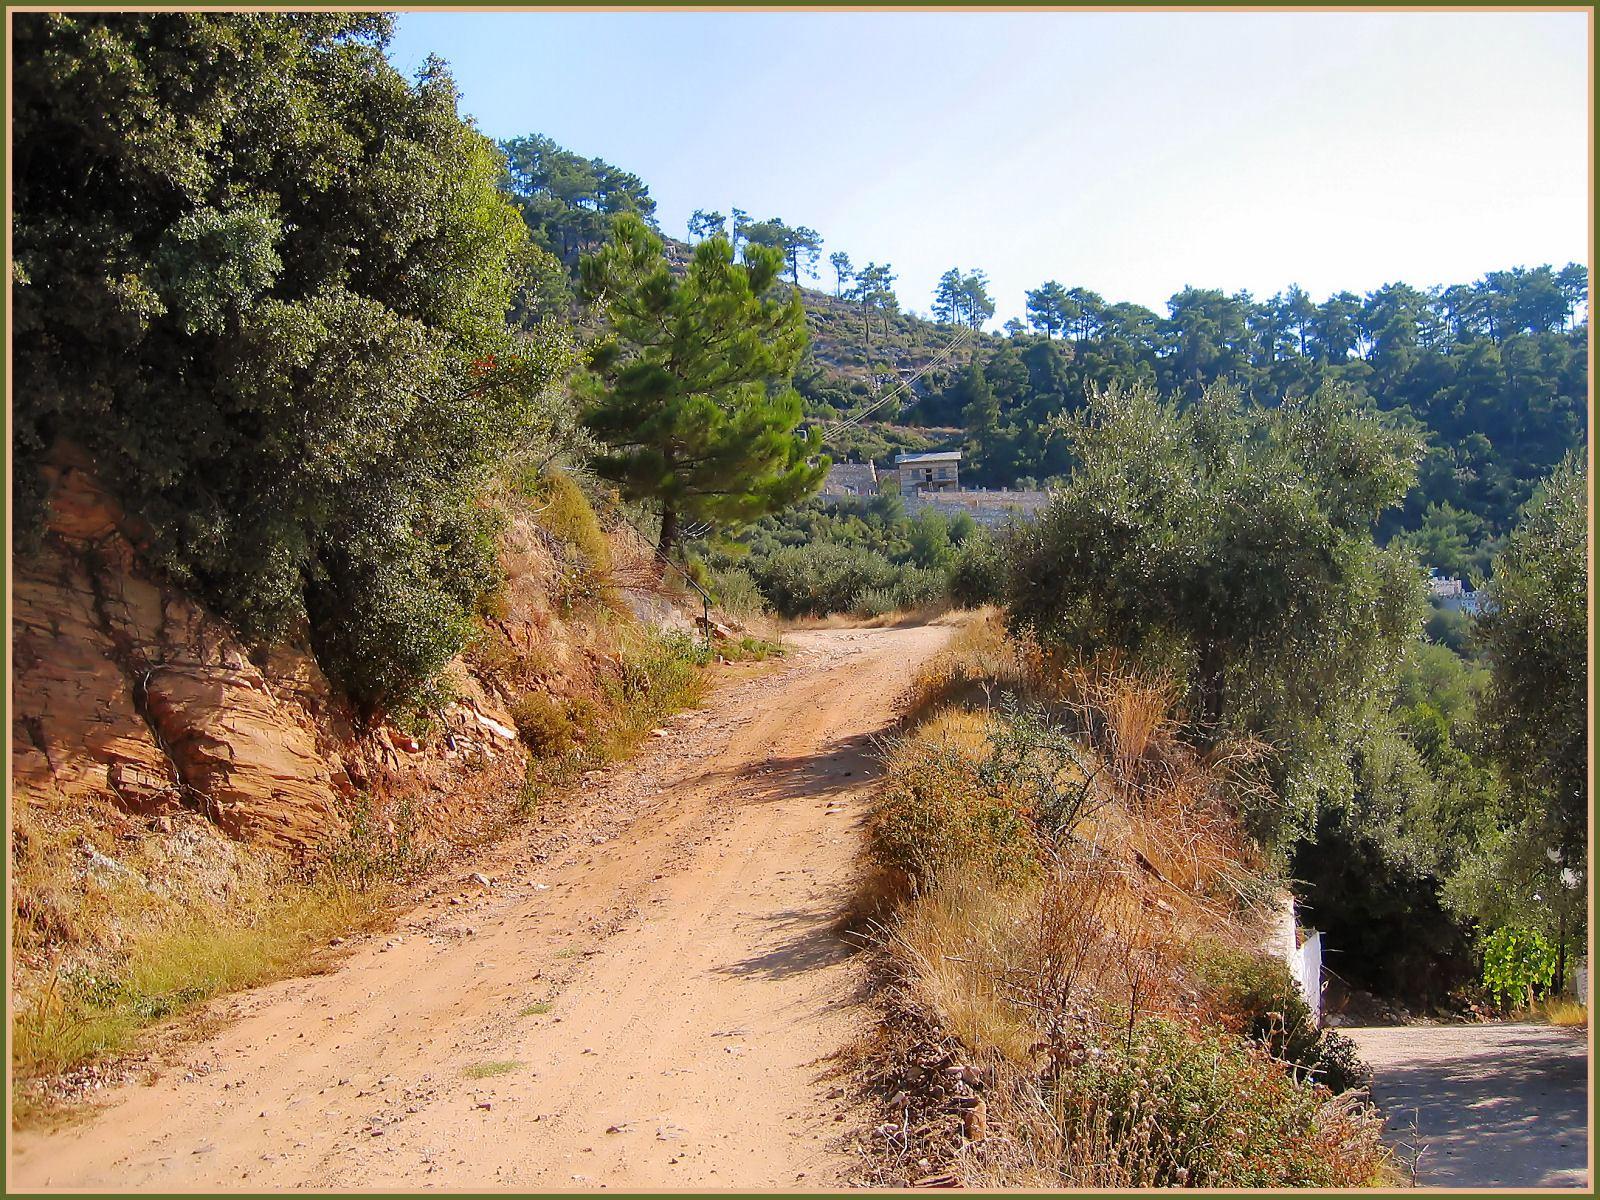 Uważaj na greckich drogach. Podróż z dzieckiem. Kary za przekroczenie prędkości.